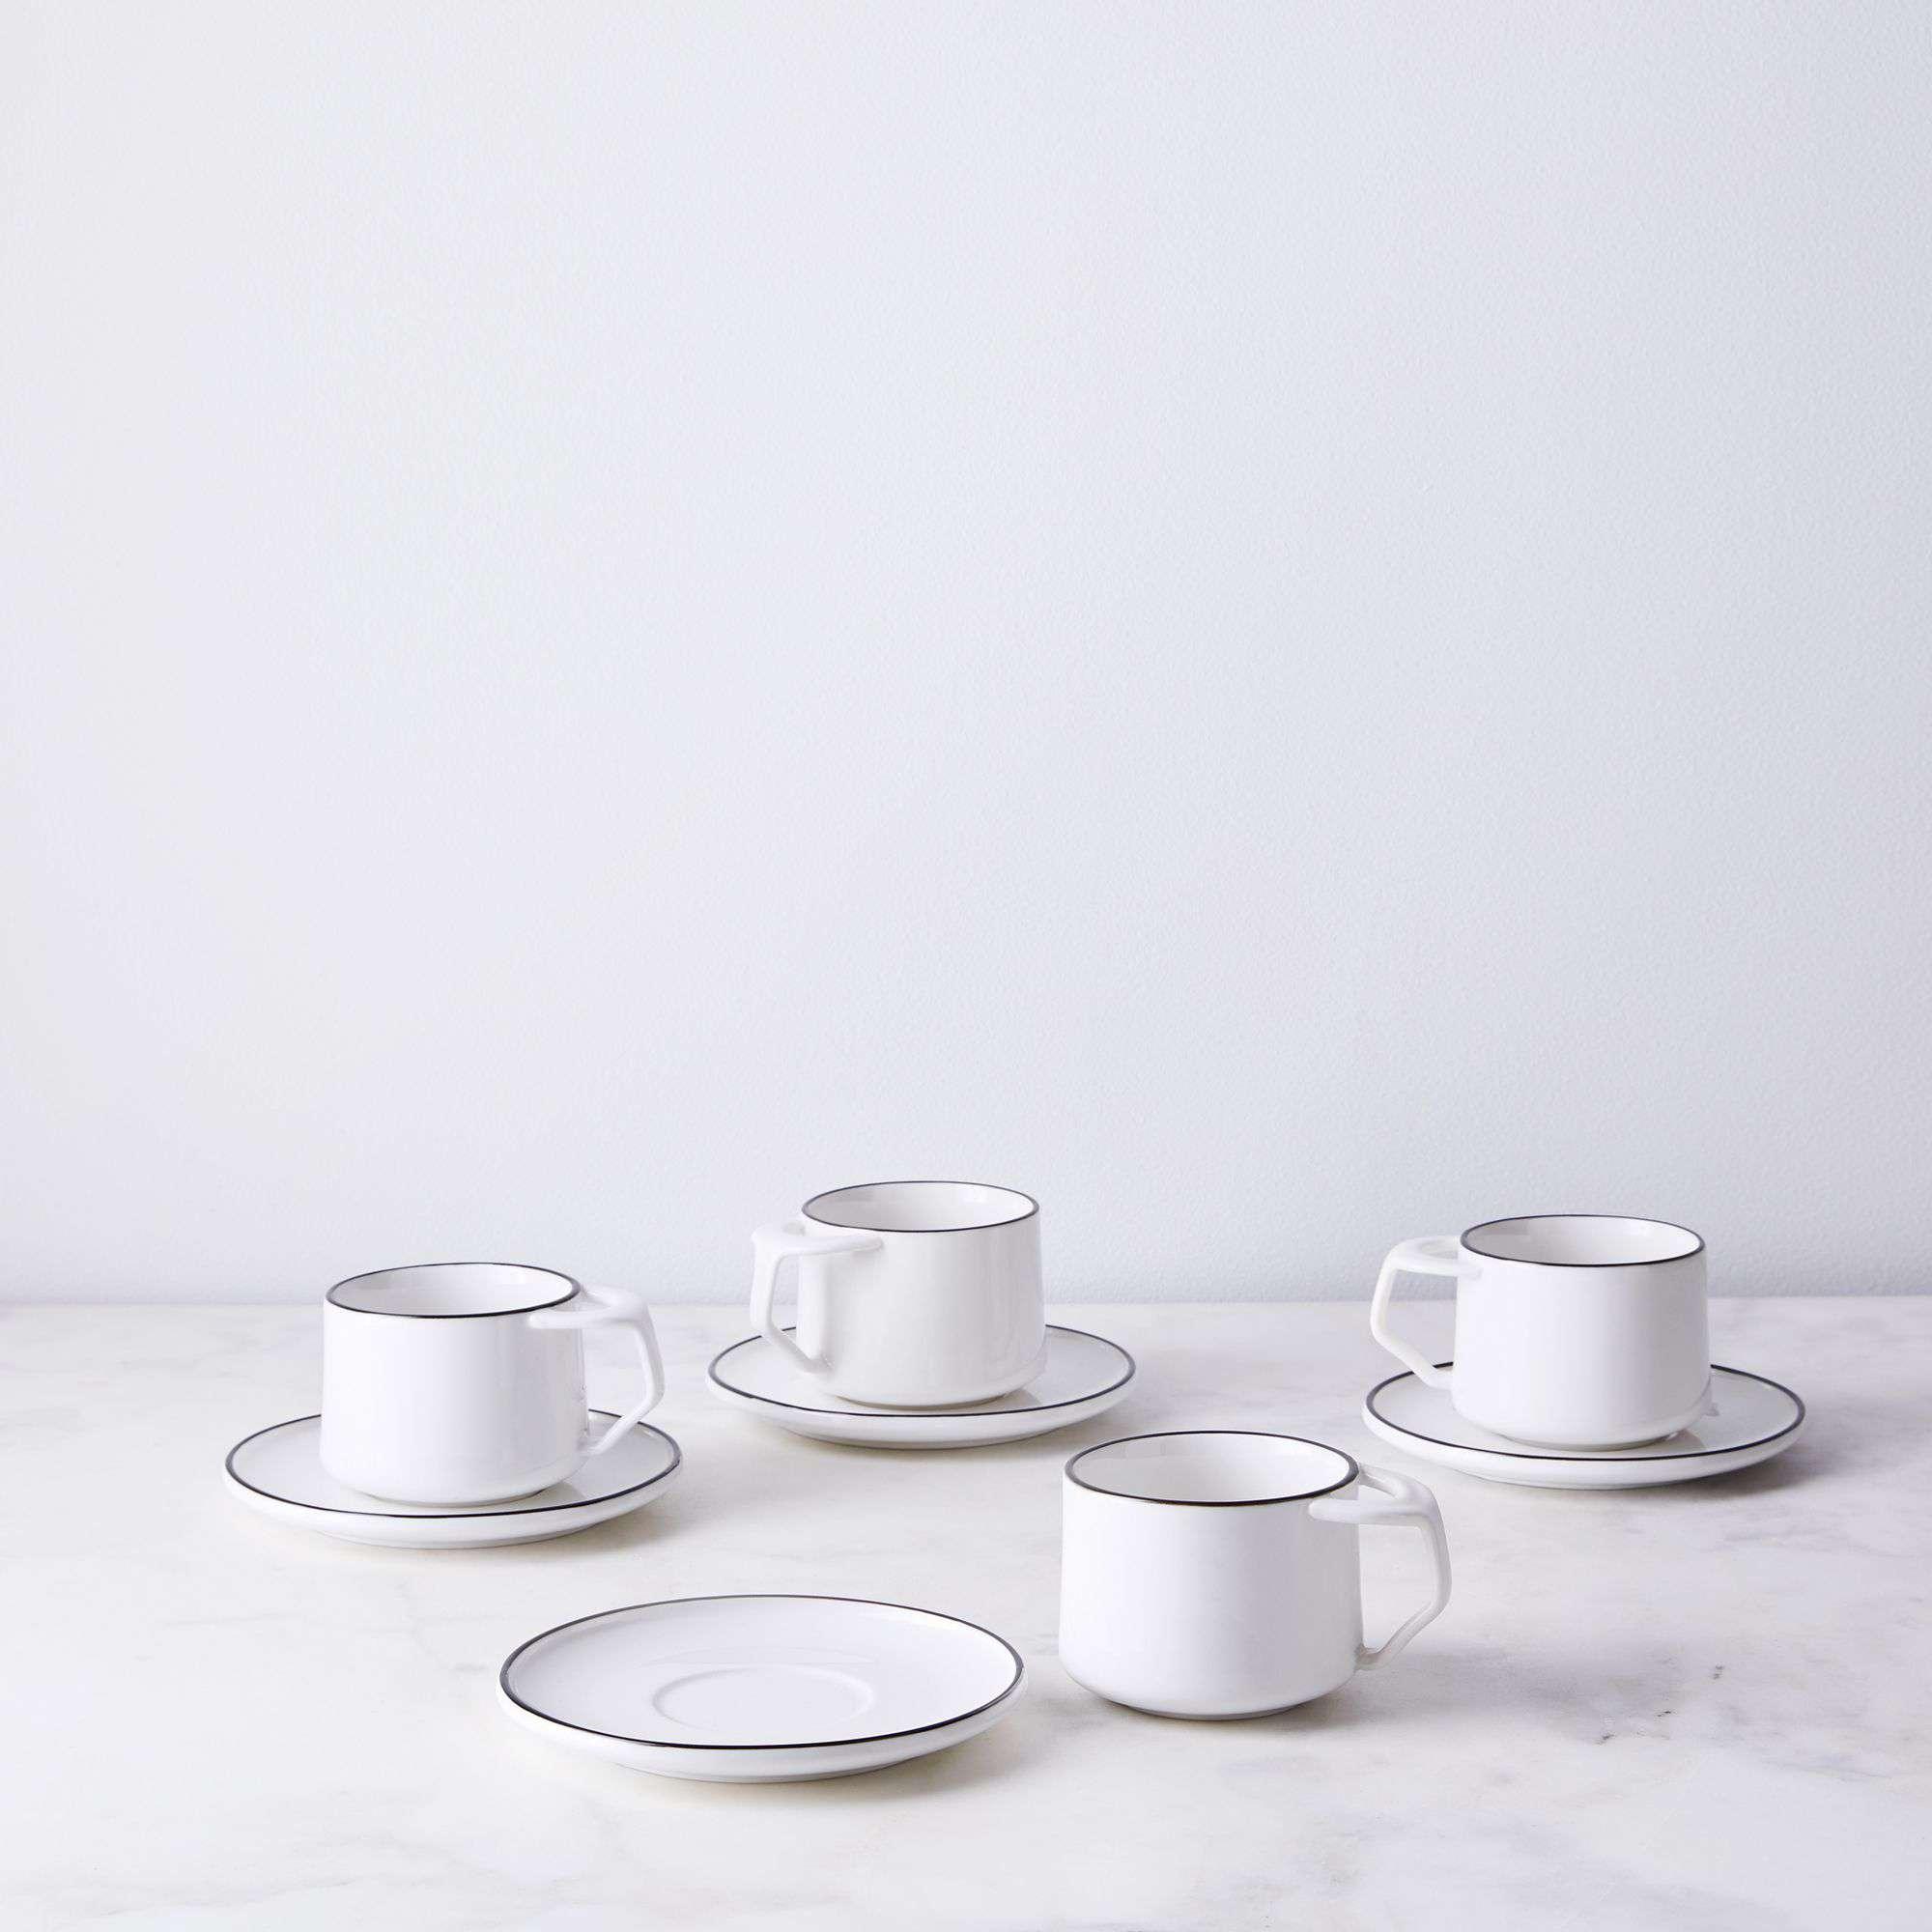 dansk-kobenstyle-tea-cup-saucer-set